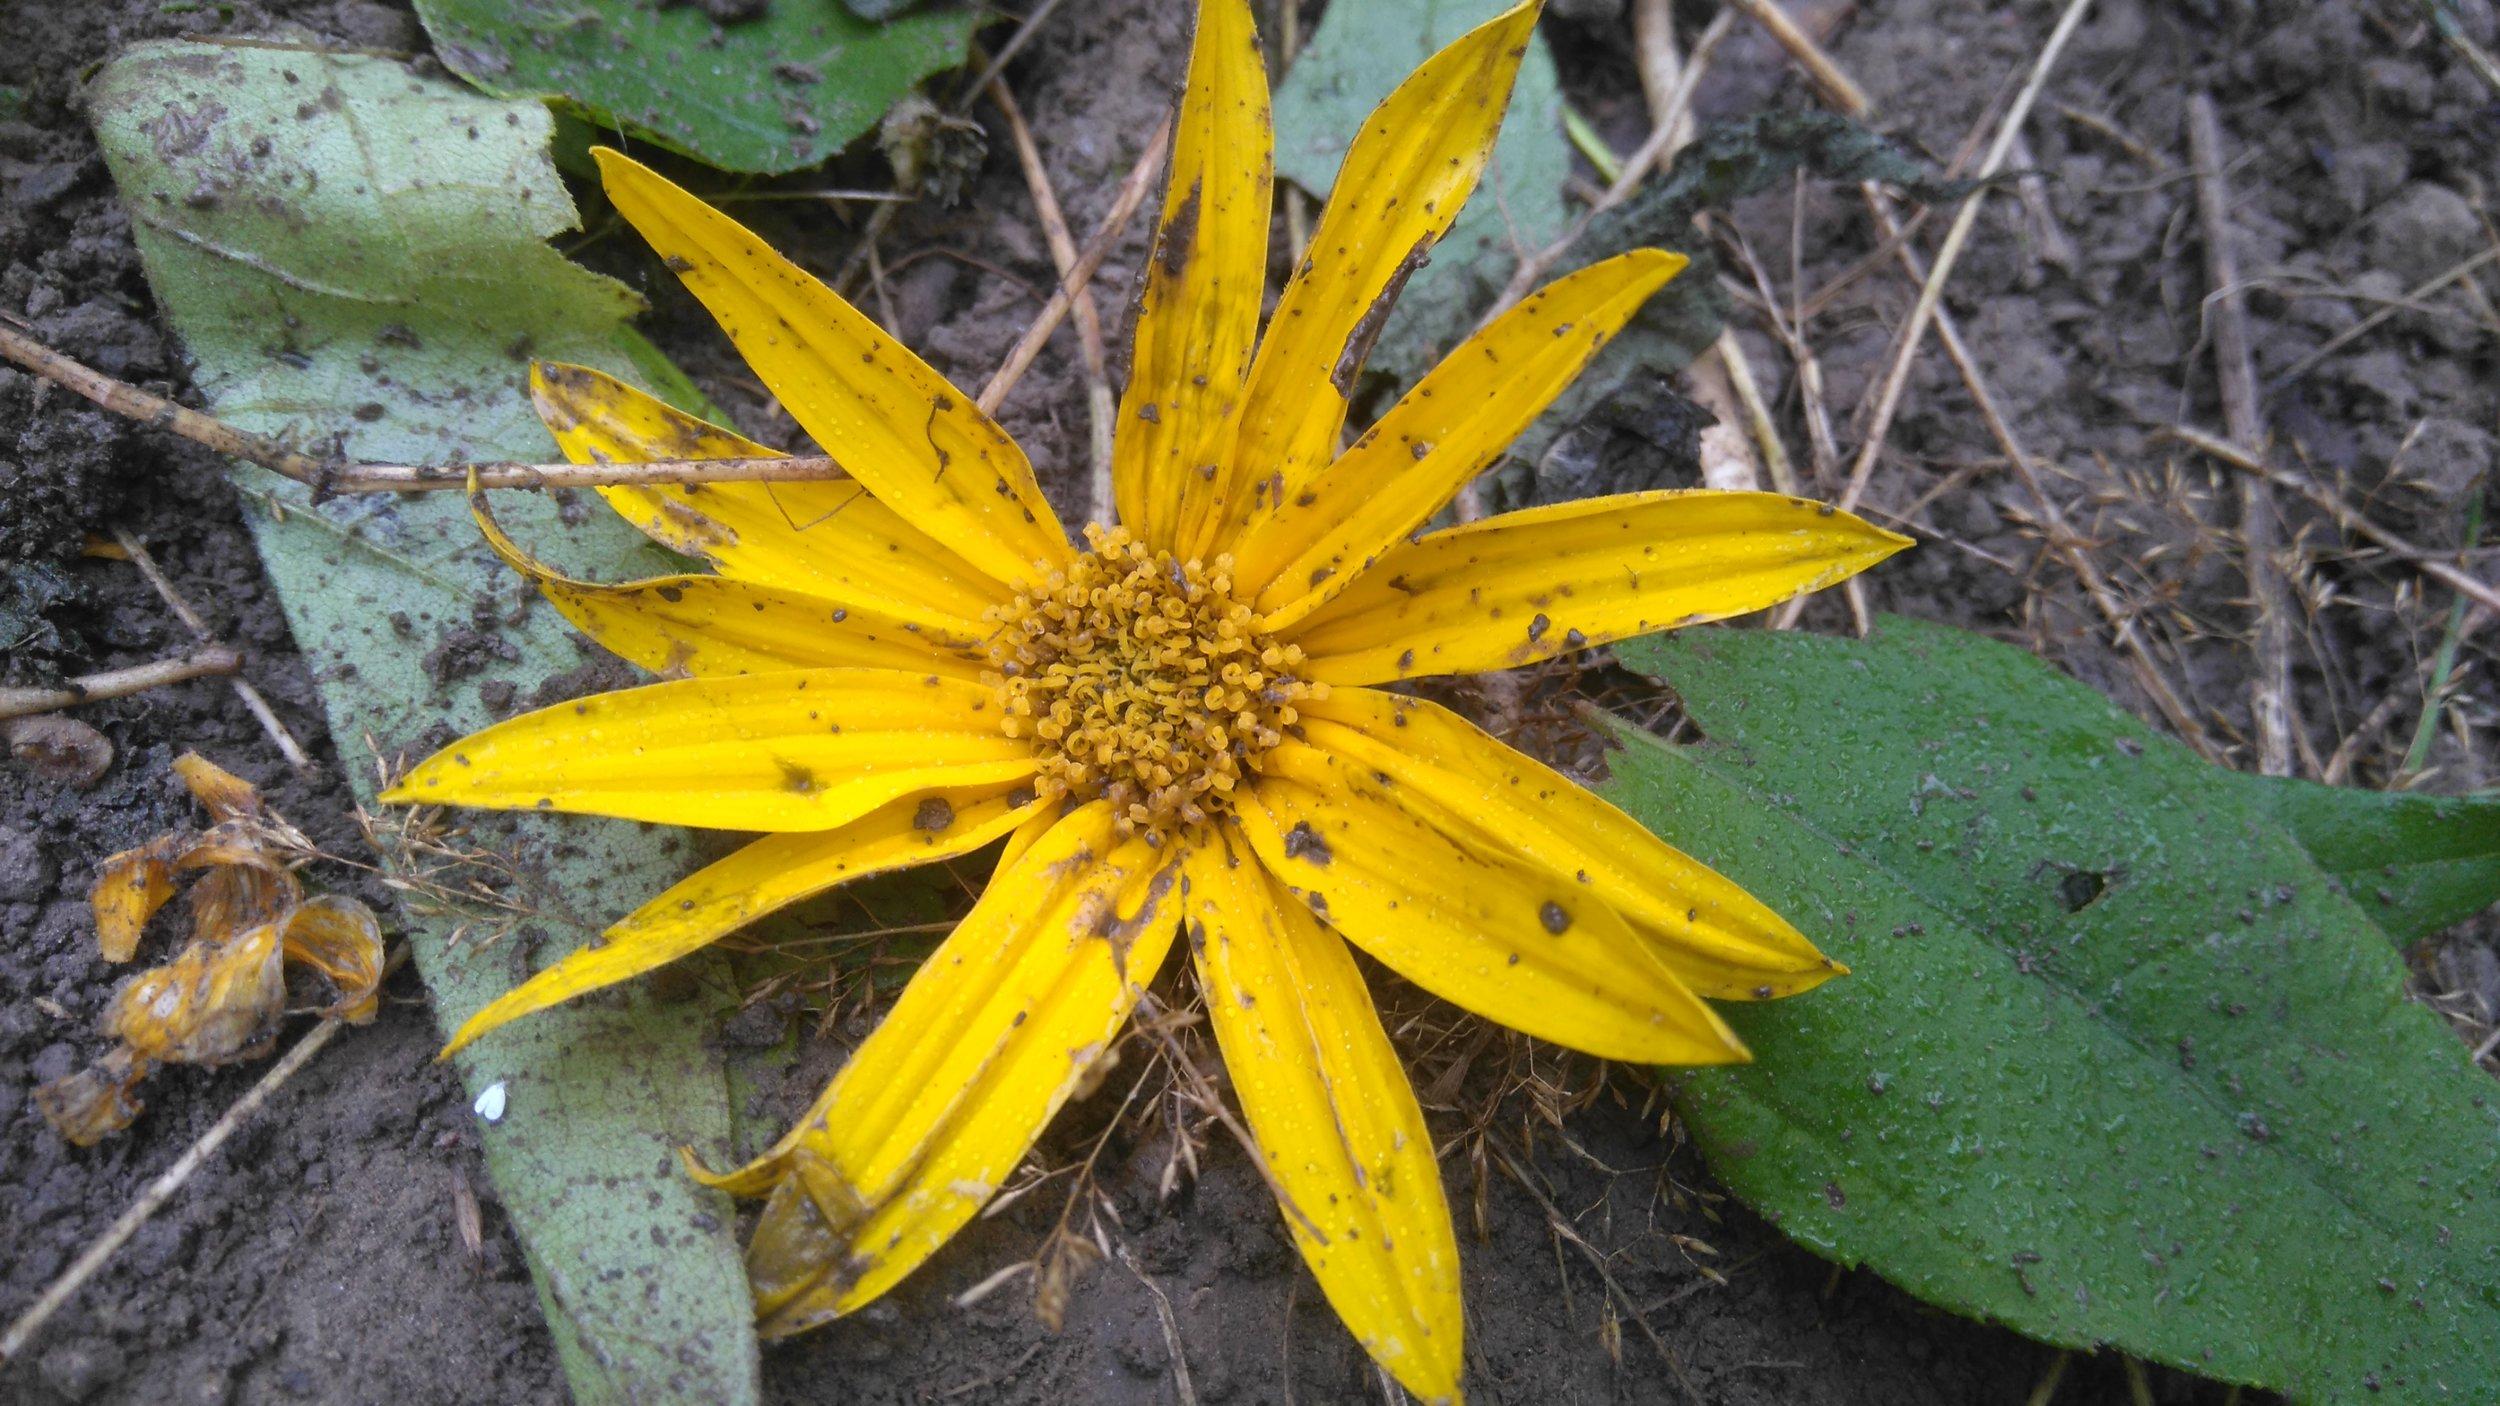 Maa-artisokan kukka